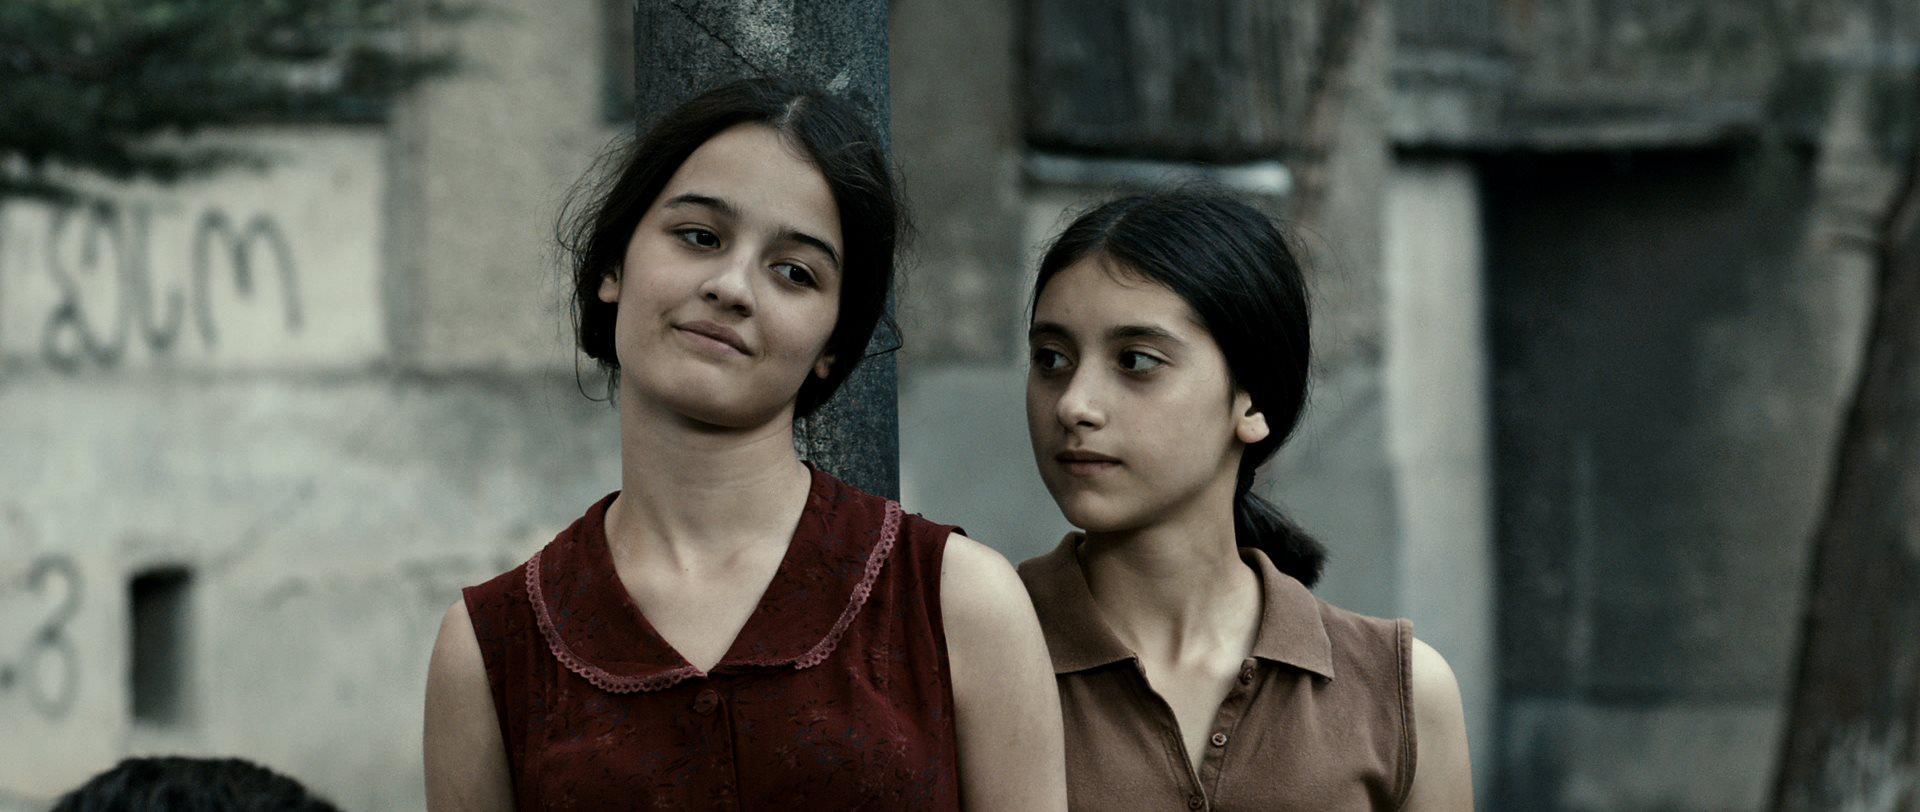 Eka et Natia